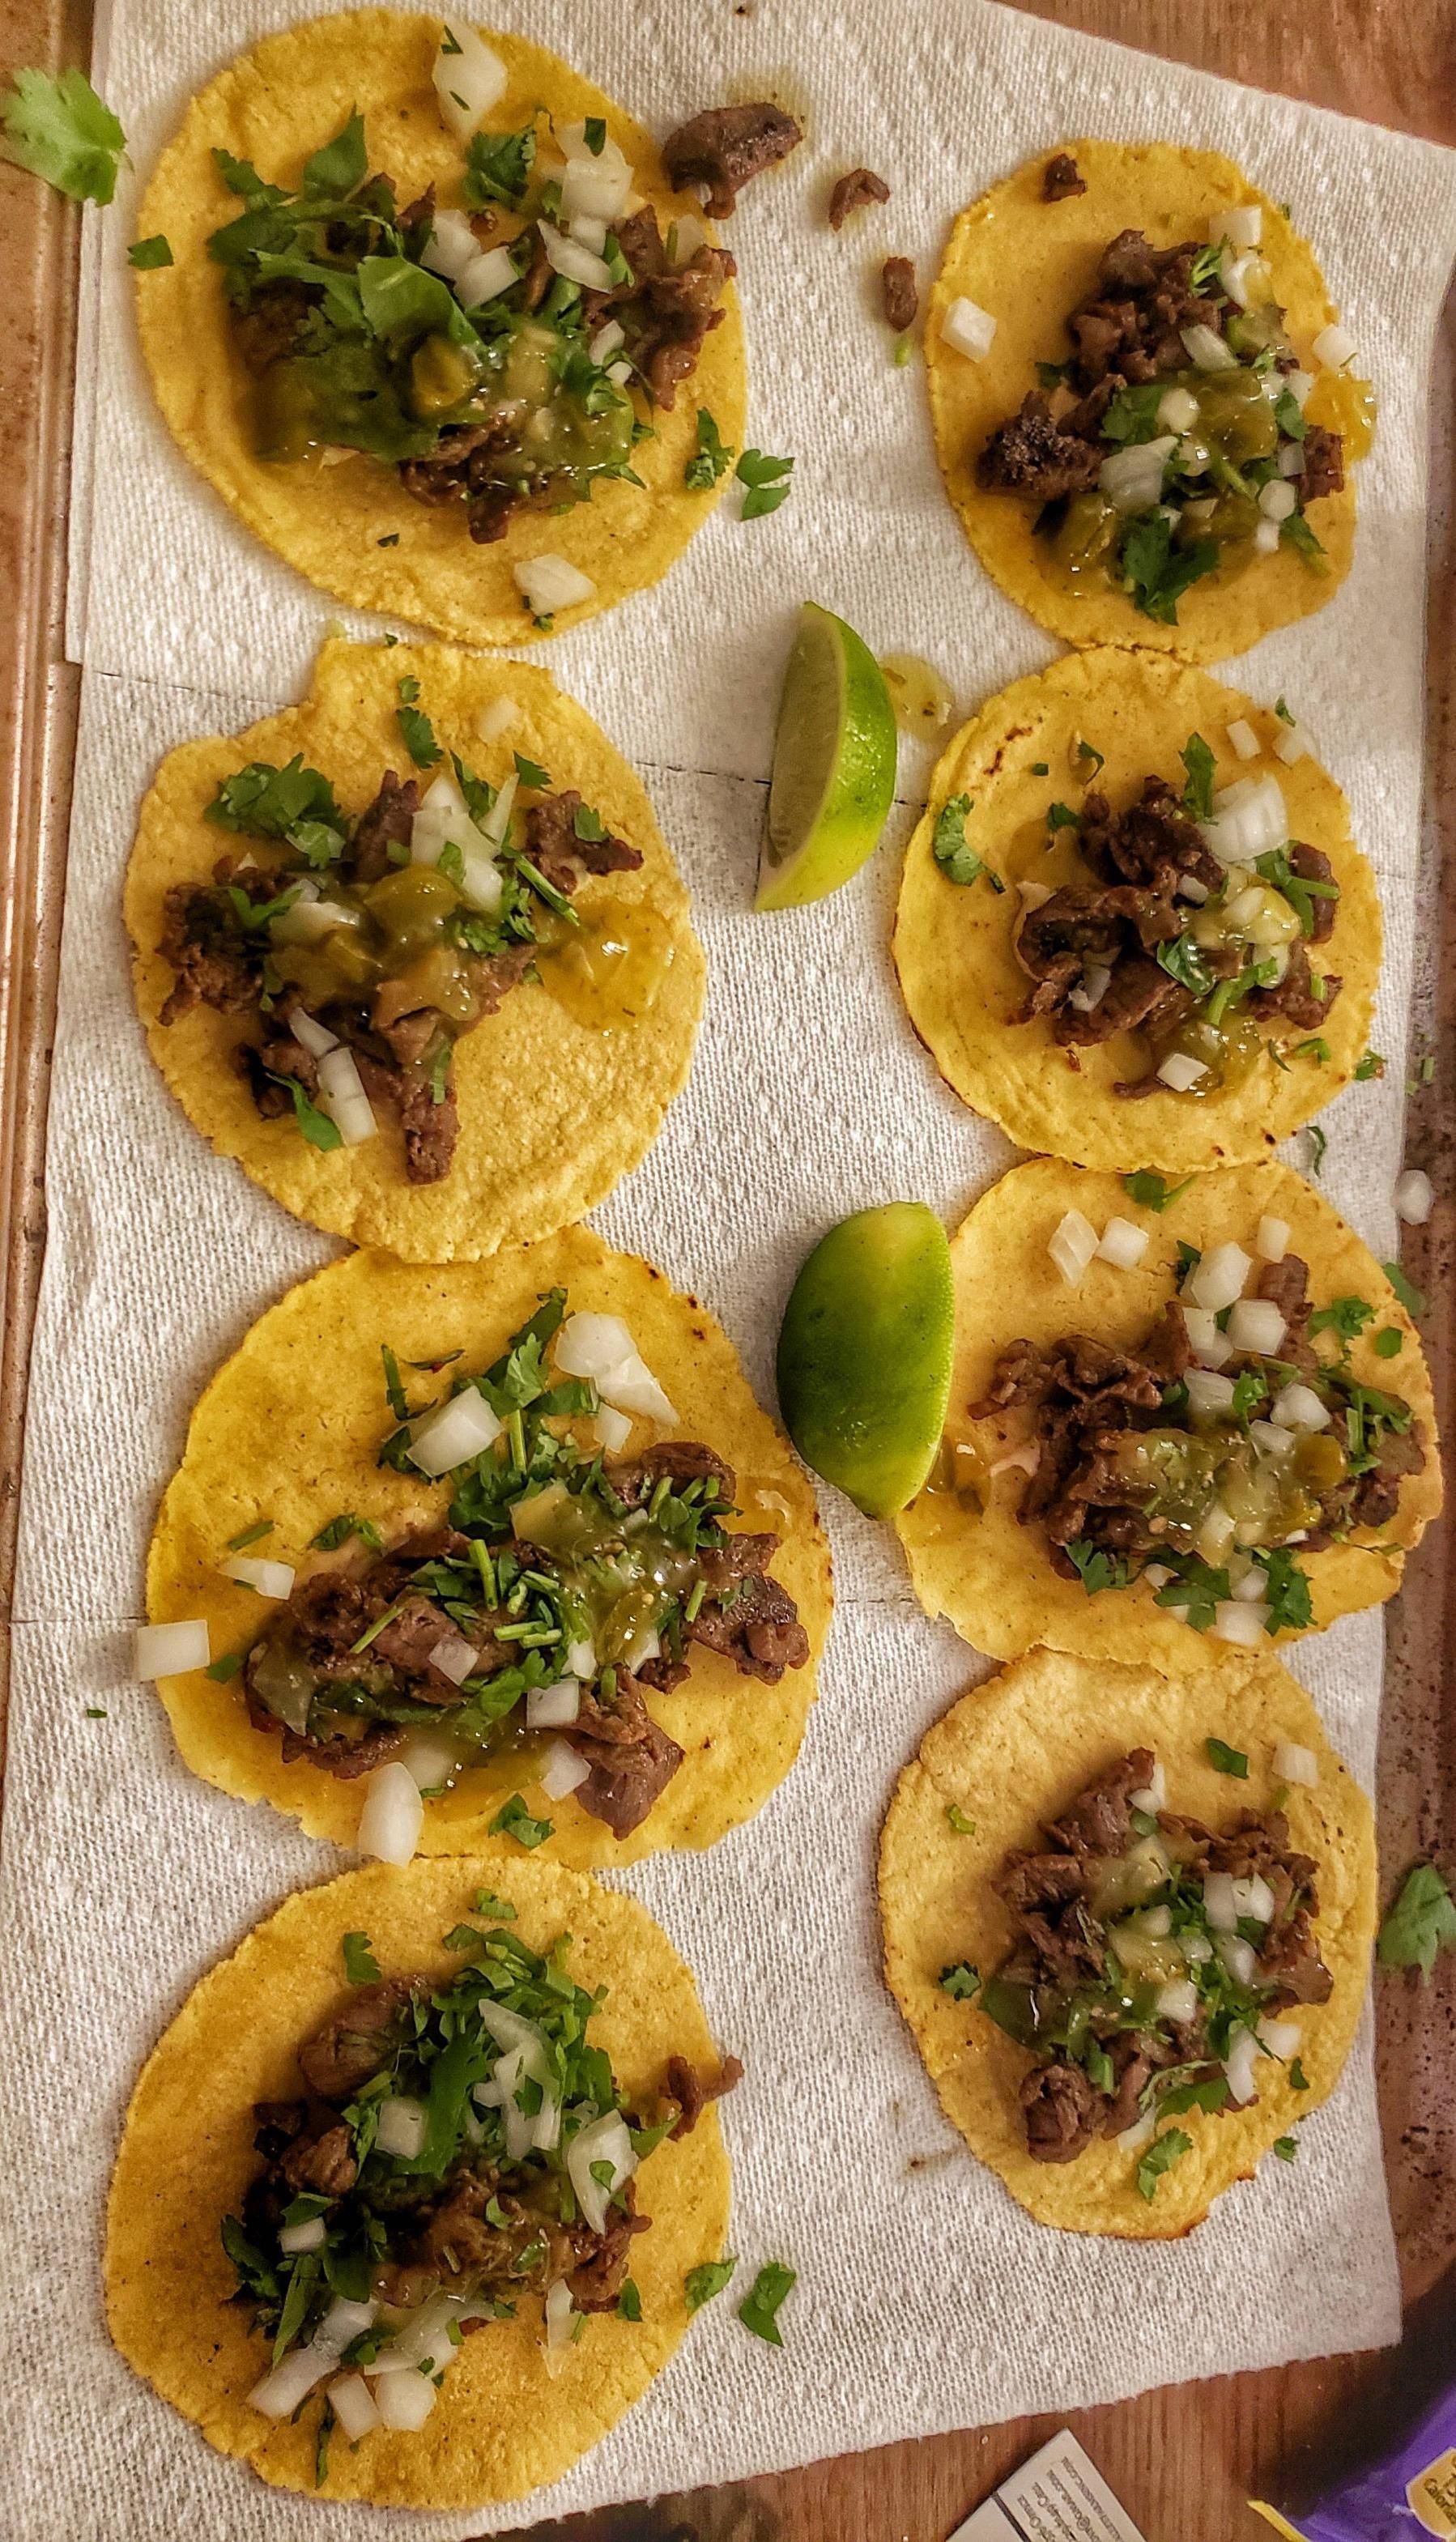 [Homemade] carne asada tacos #asadatacos